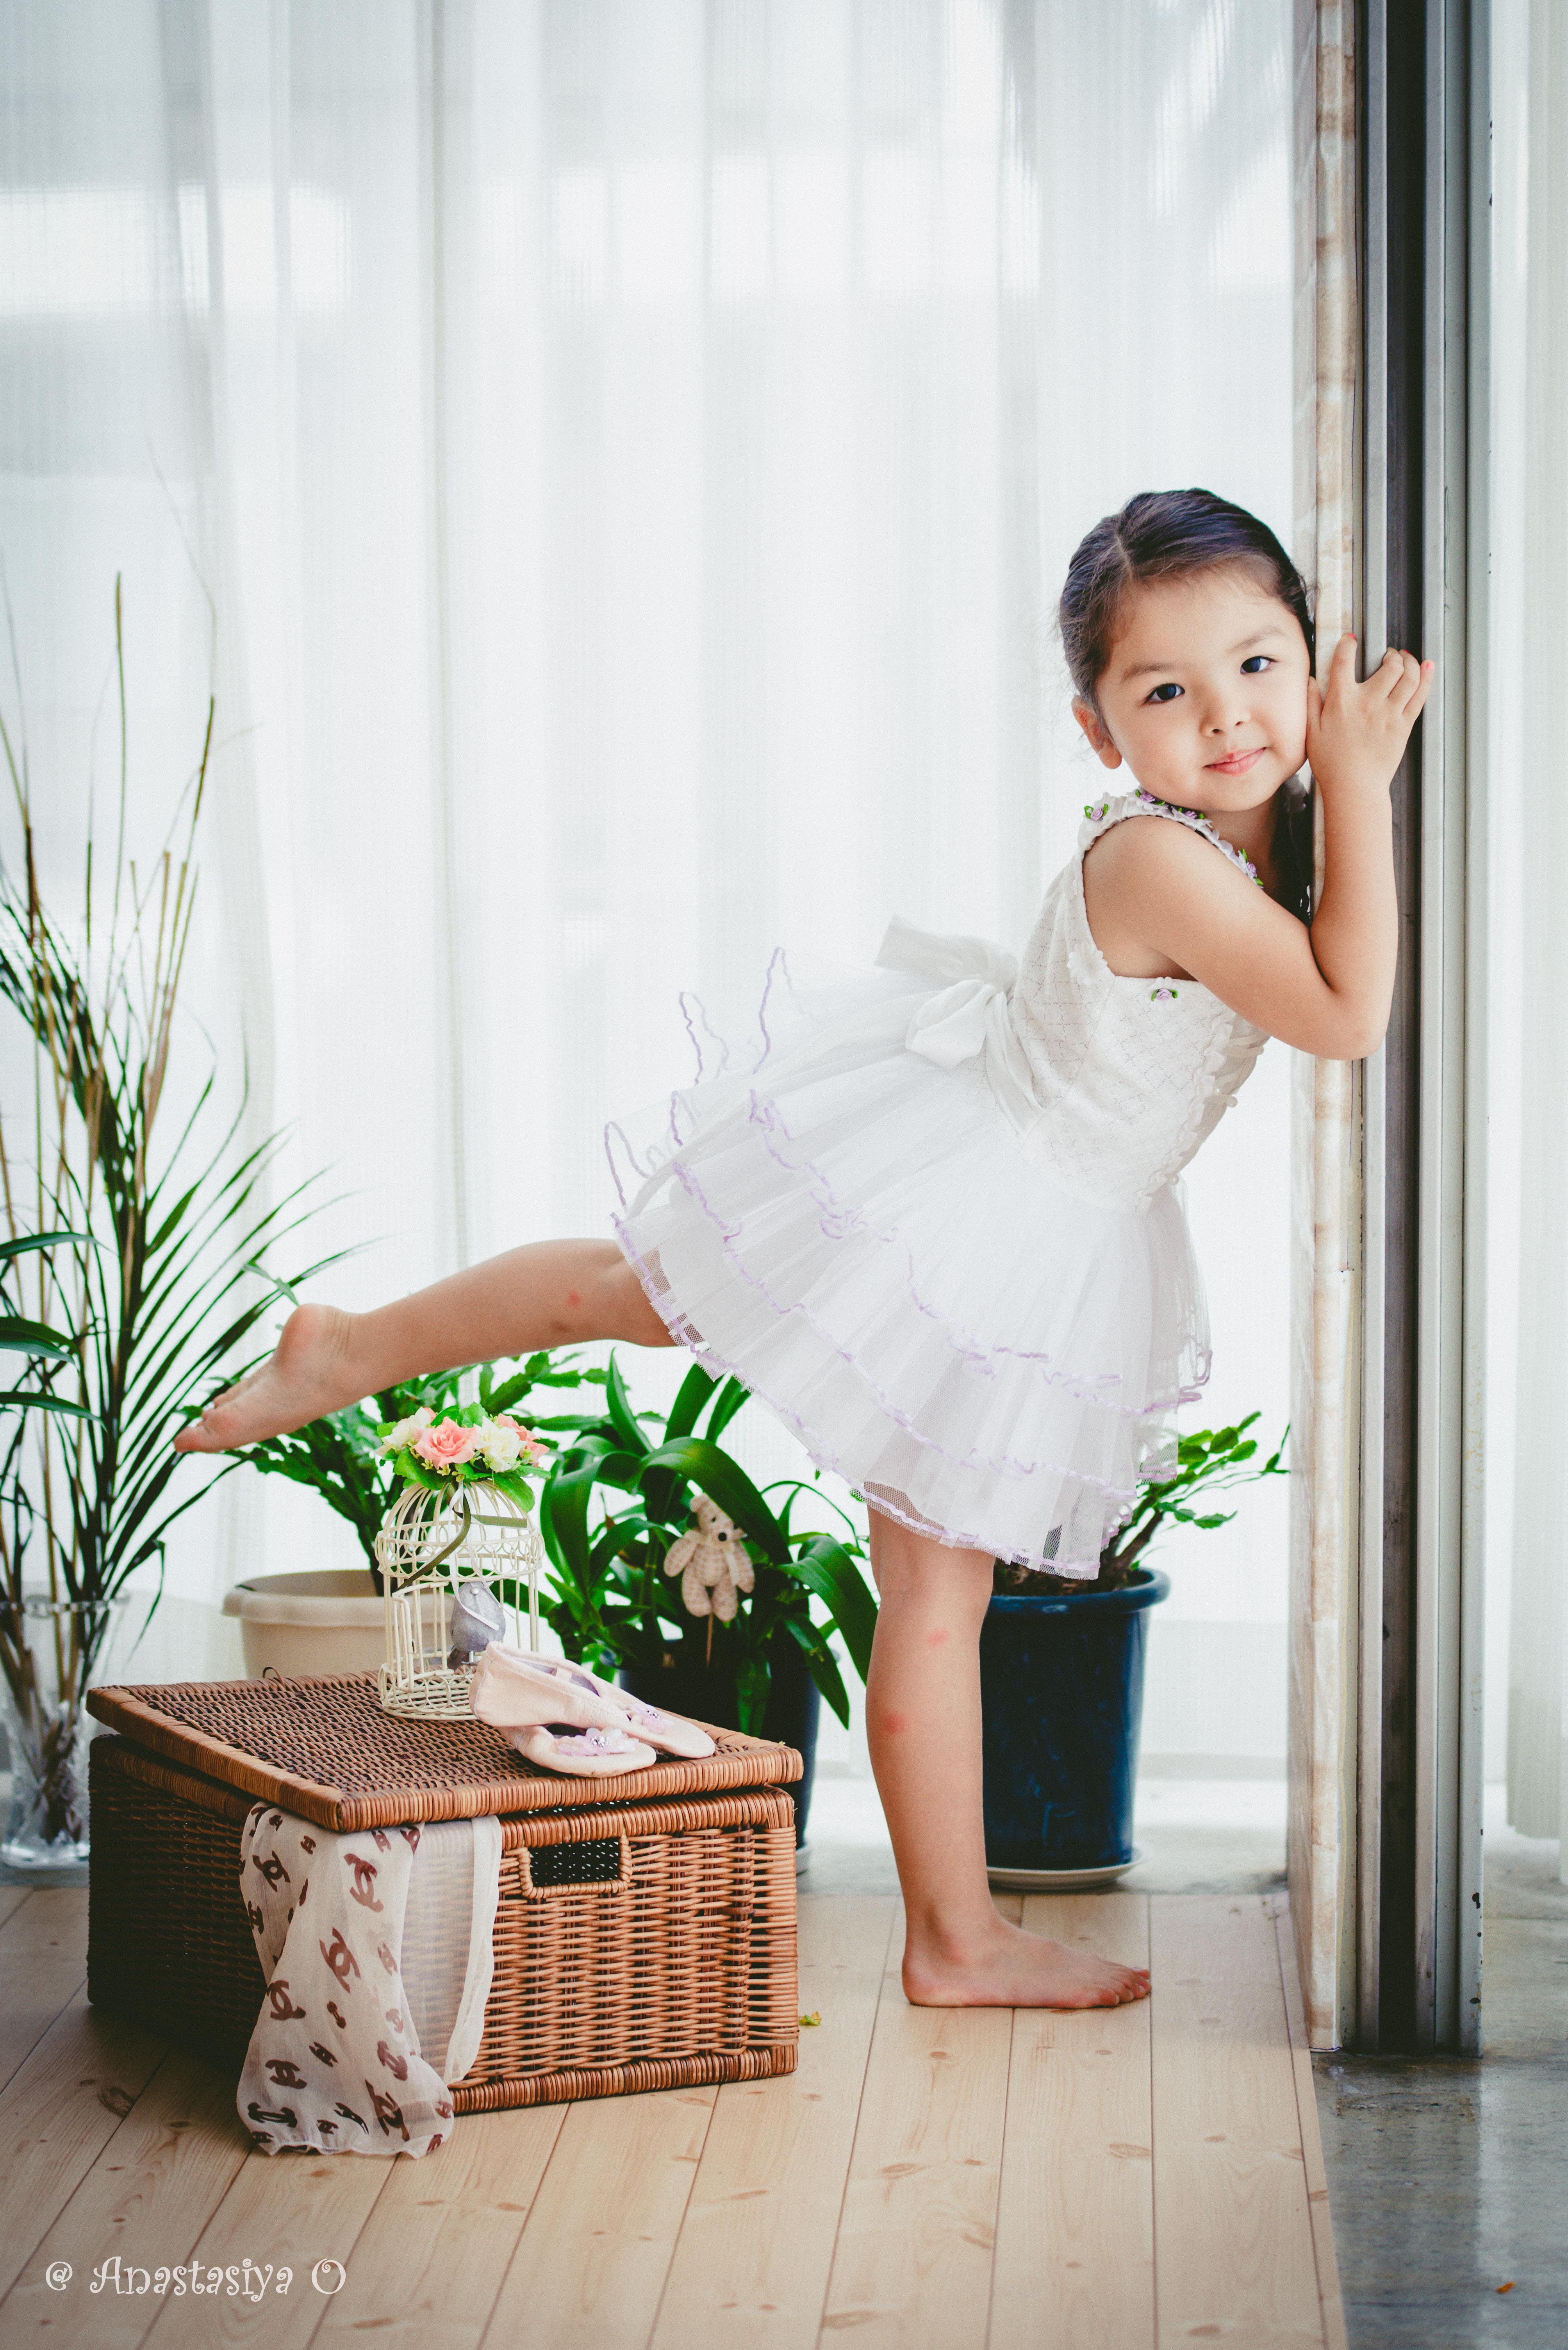 I wish I was a ballerina!